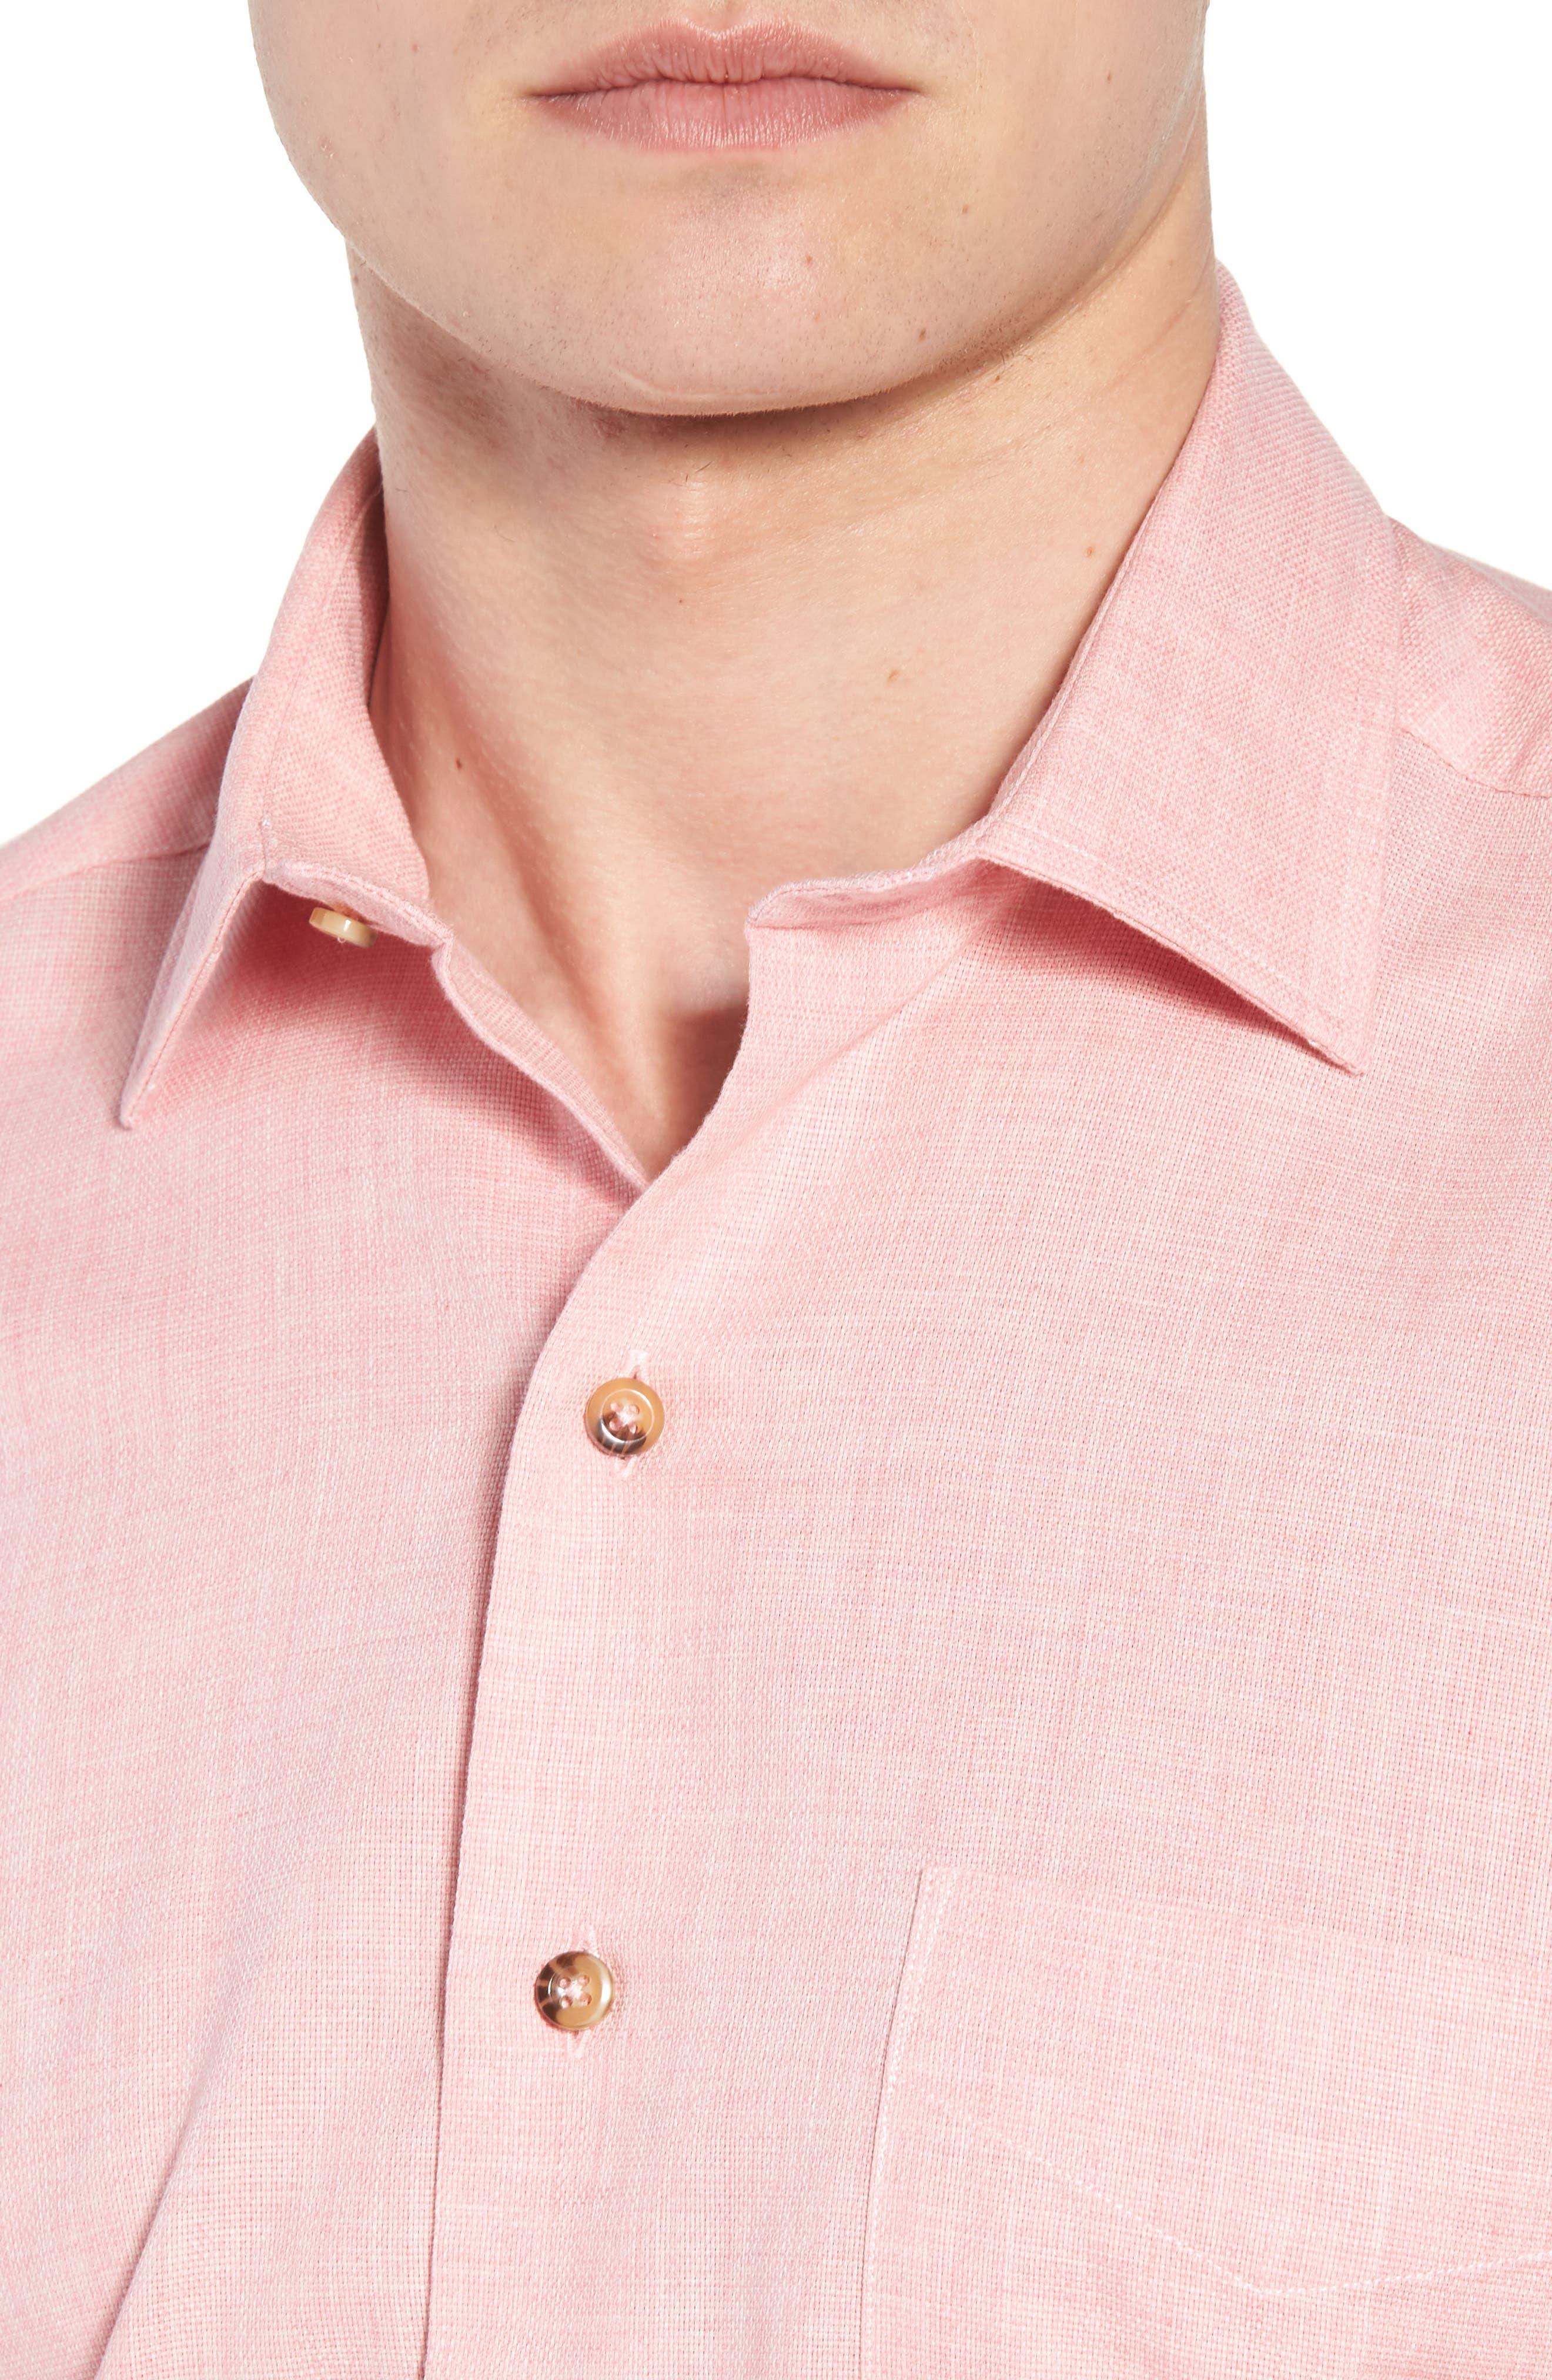 Regular Fit Garment Washed Mélange Sport Shirt,                             Alternate thumbnail 4, color,                             Pink